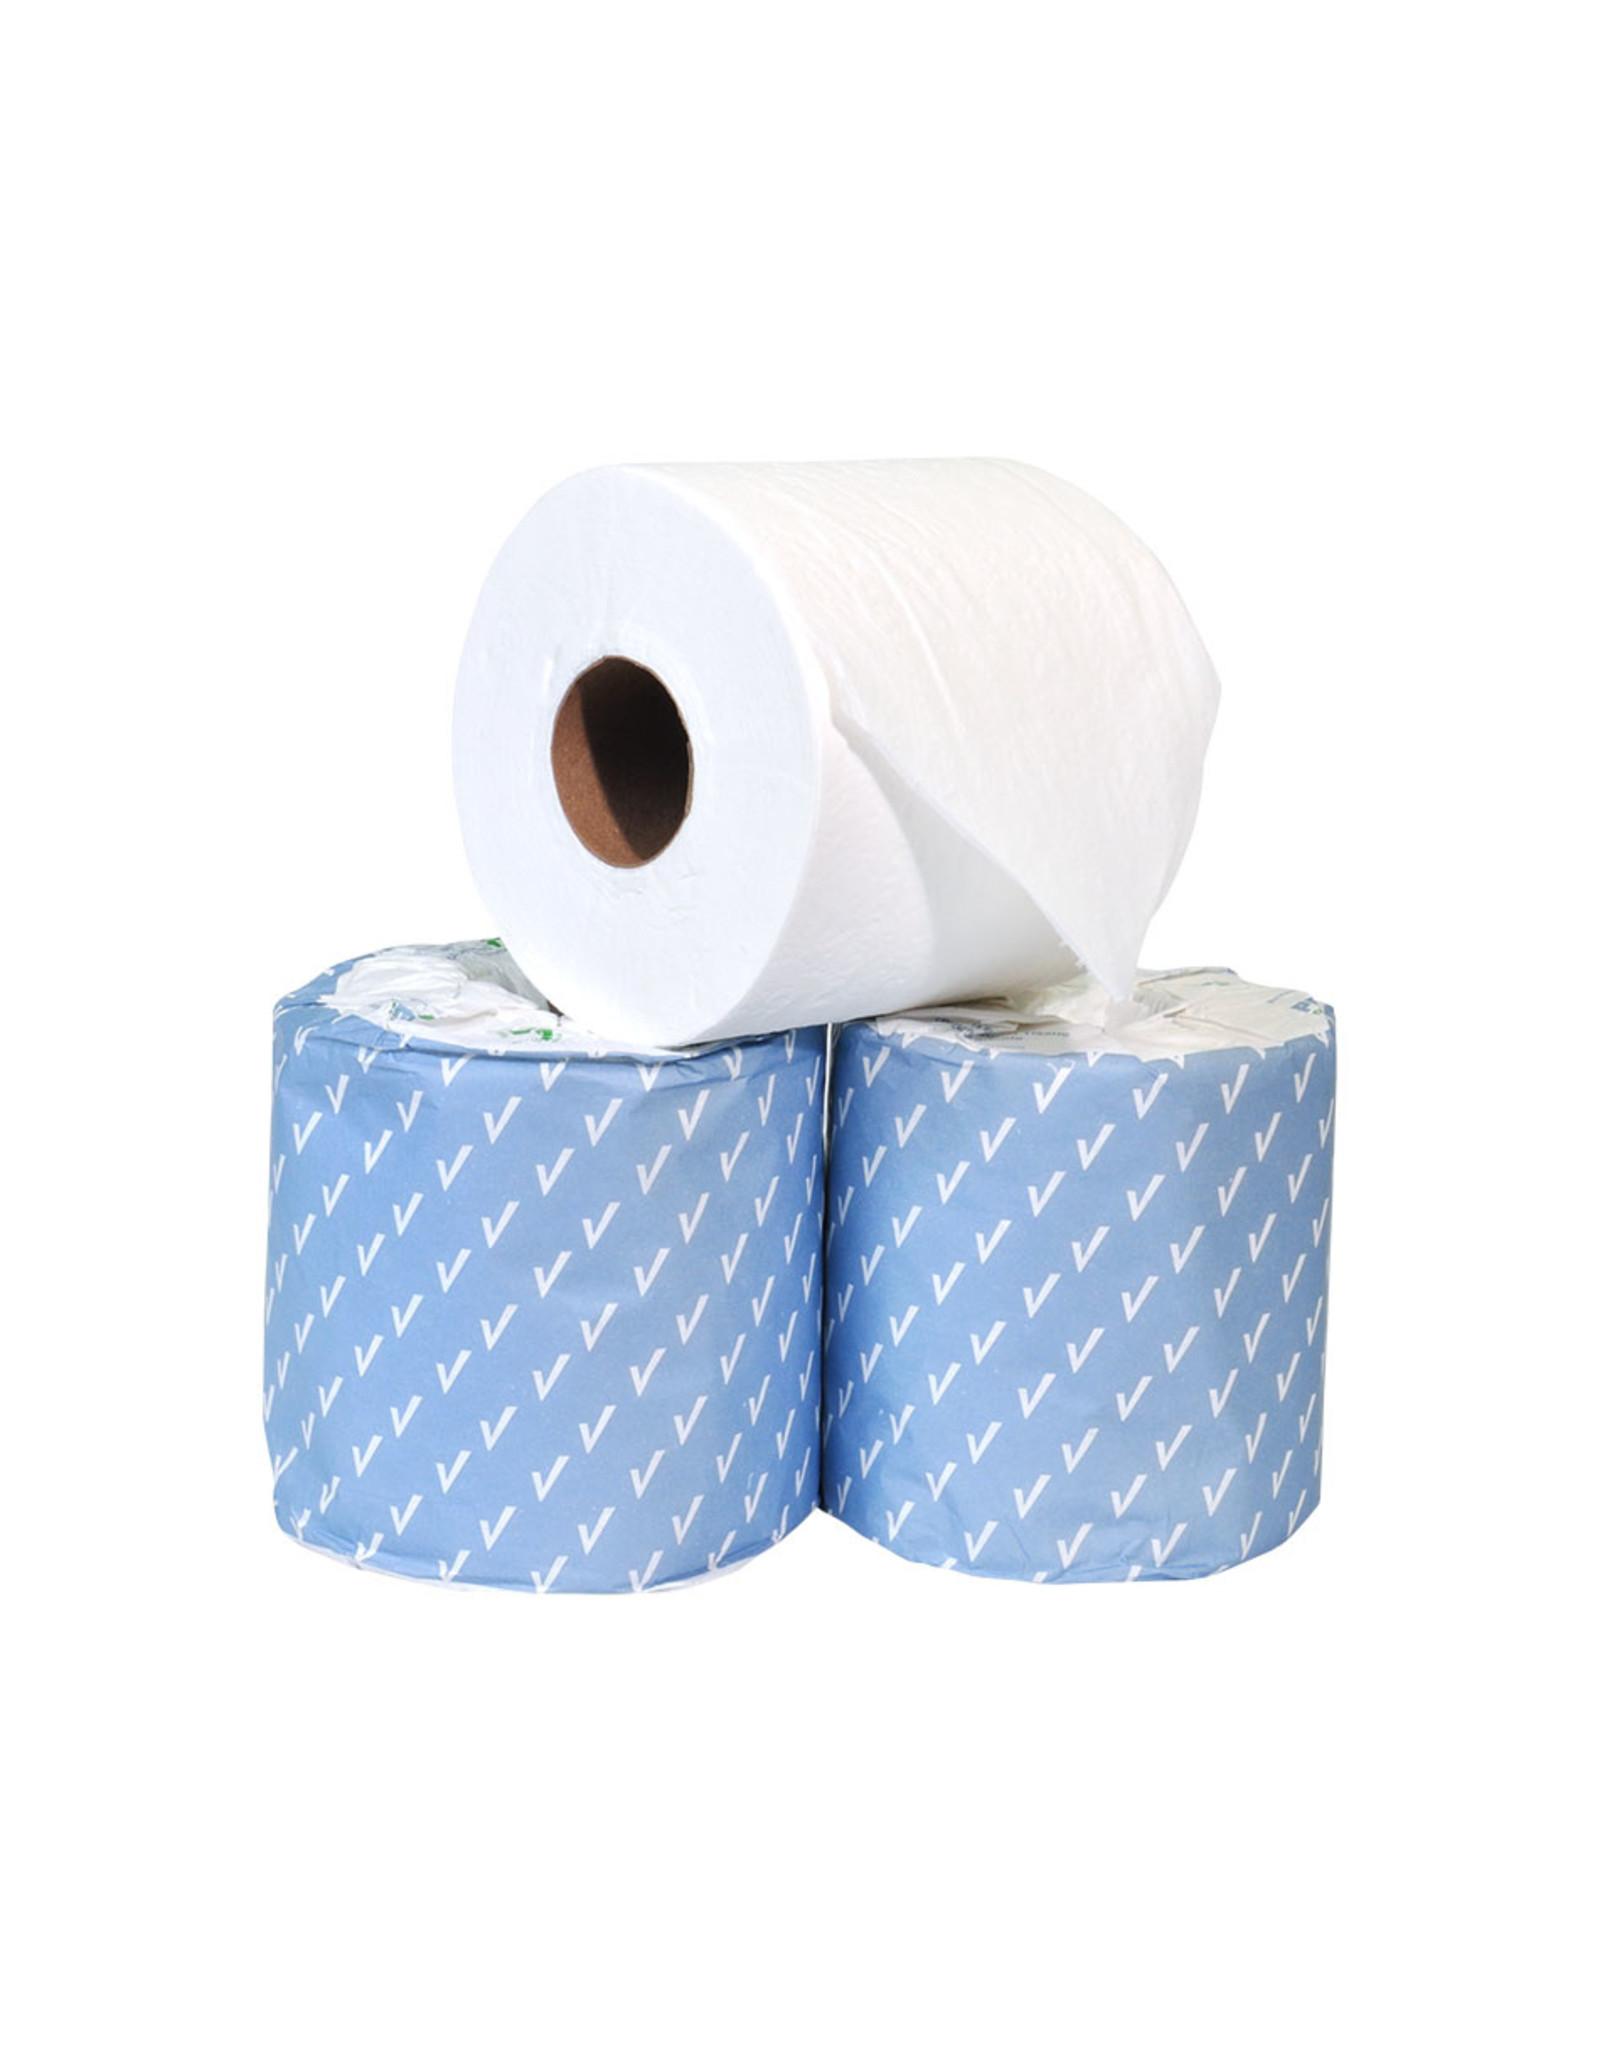 Evolv Toilet Tissue - 2 Ply, 48 Rolls/Case